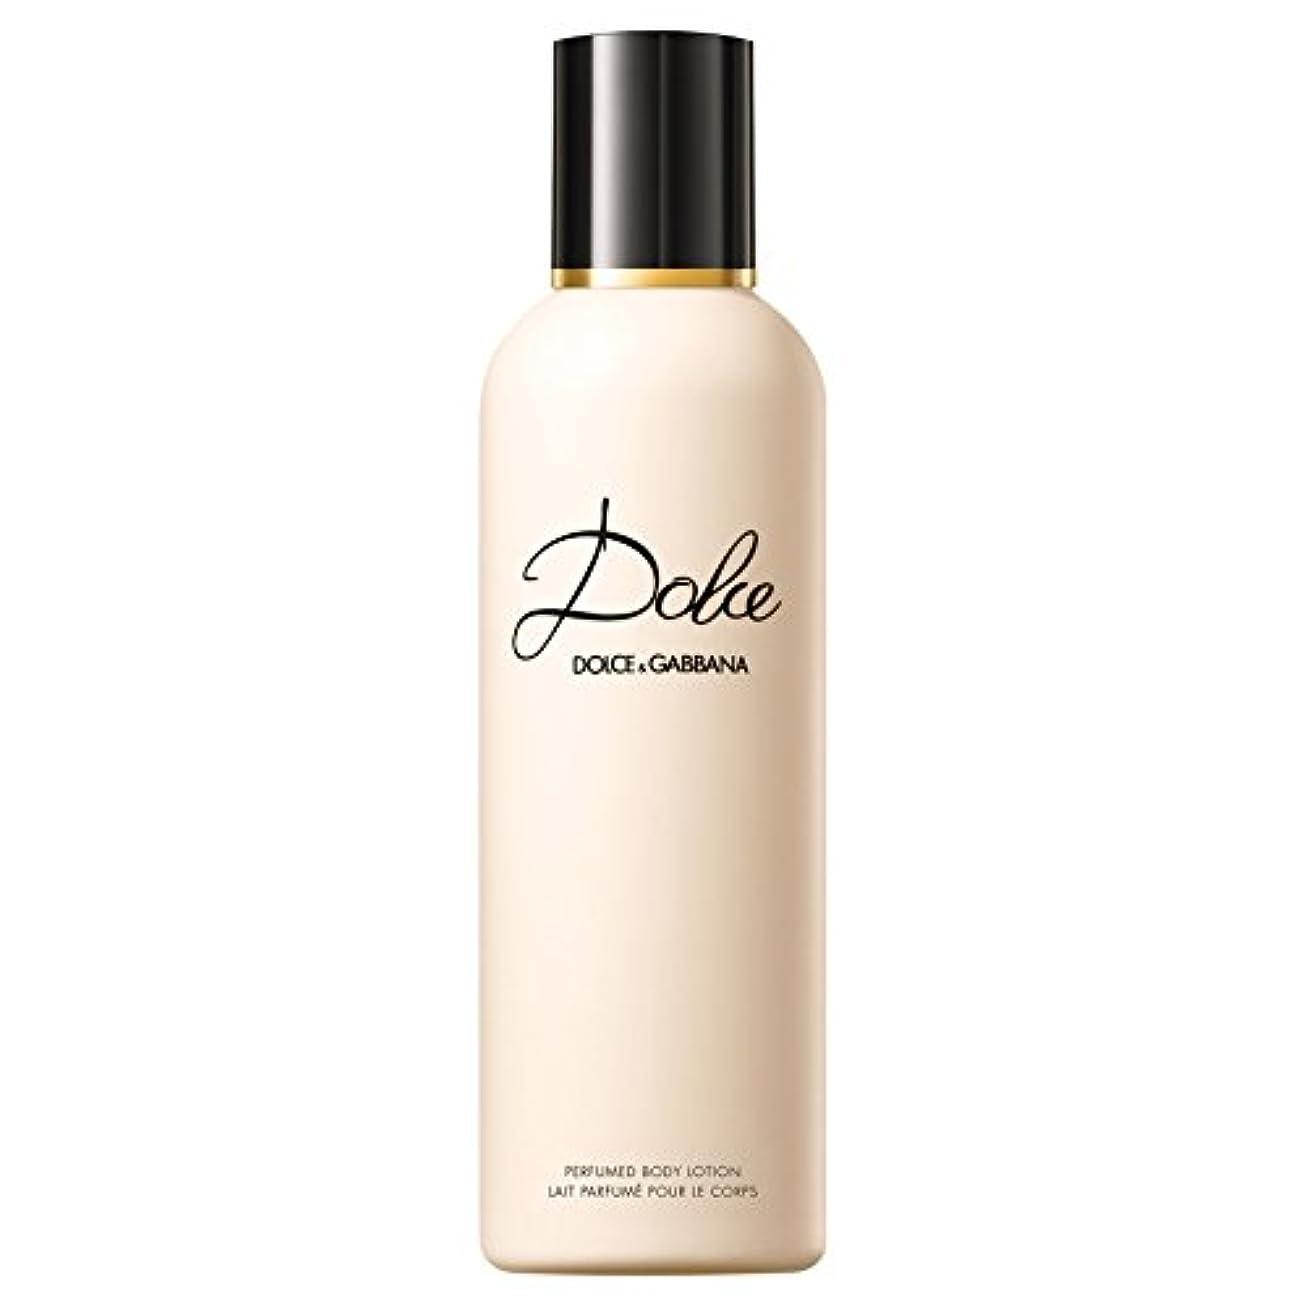 拡声器グラフィックすぐにドルチェ&ガッバーナドルチェのボディローション200ミリリットル (Dolce & Gabbana) - Dolce & Gabbana Dolce Body Lotion 200ml [並行輸入品]